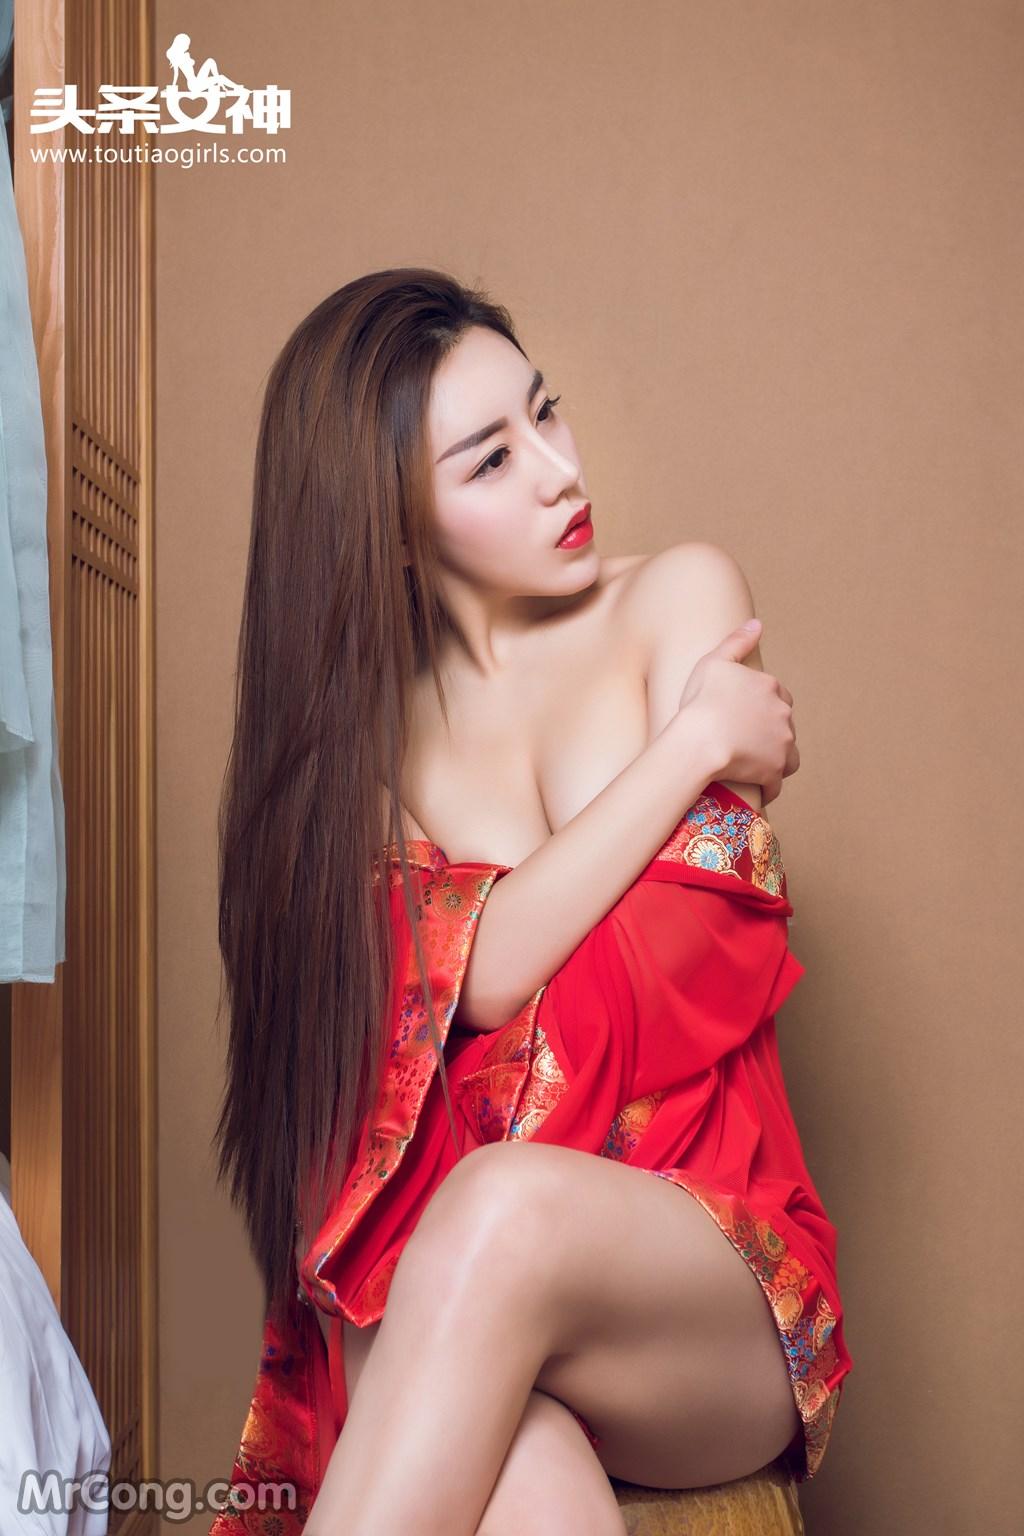 Image MrCong.com-TouTiao-2016-12-16-An-Su-Rui-006 in post TouTiao 2016-12-16: Người mẫu An Su Rui (安苏芮) (27 ảnh)